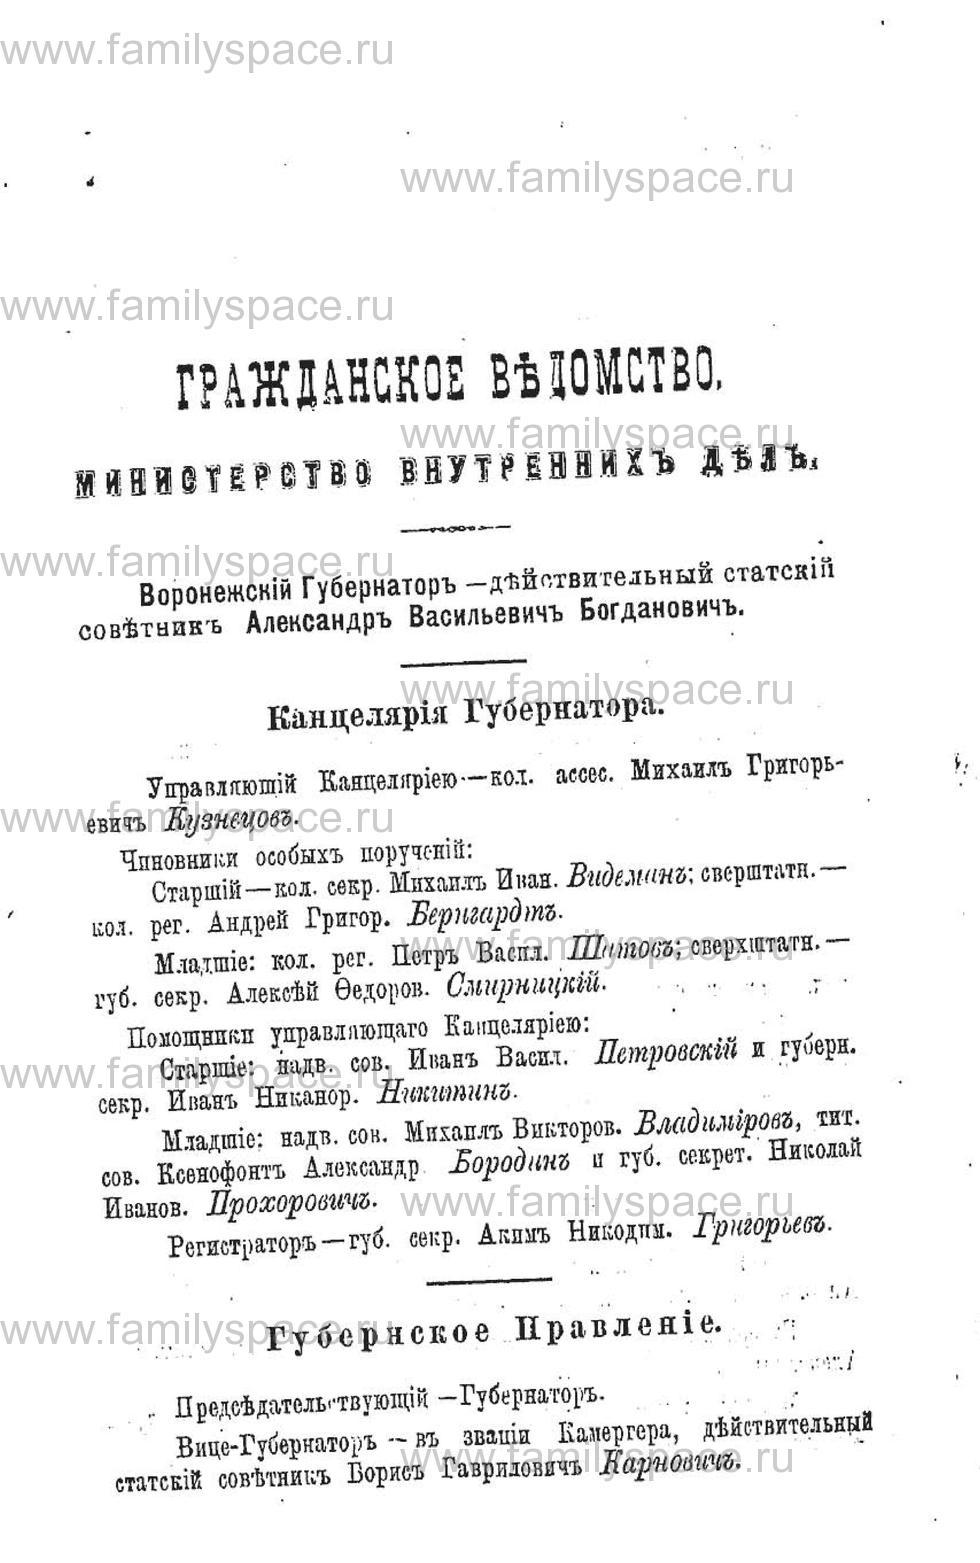 Поиск по фамилии - Адрес-календарь лиц, служащих в Воронежской губернии на 1884 год, страница 1